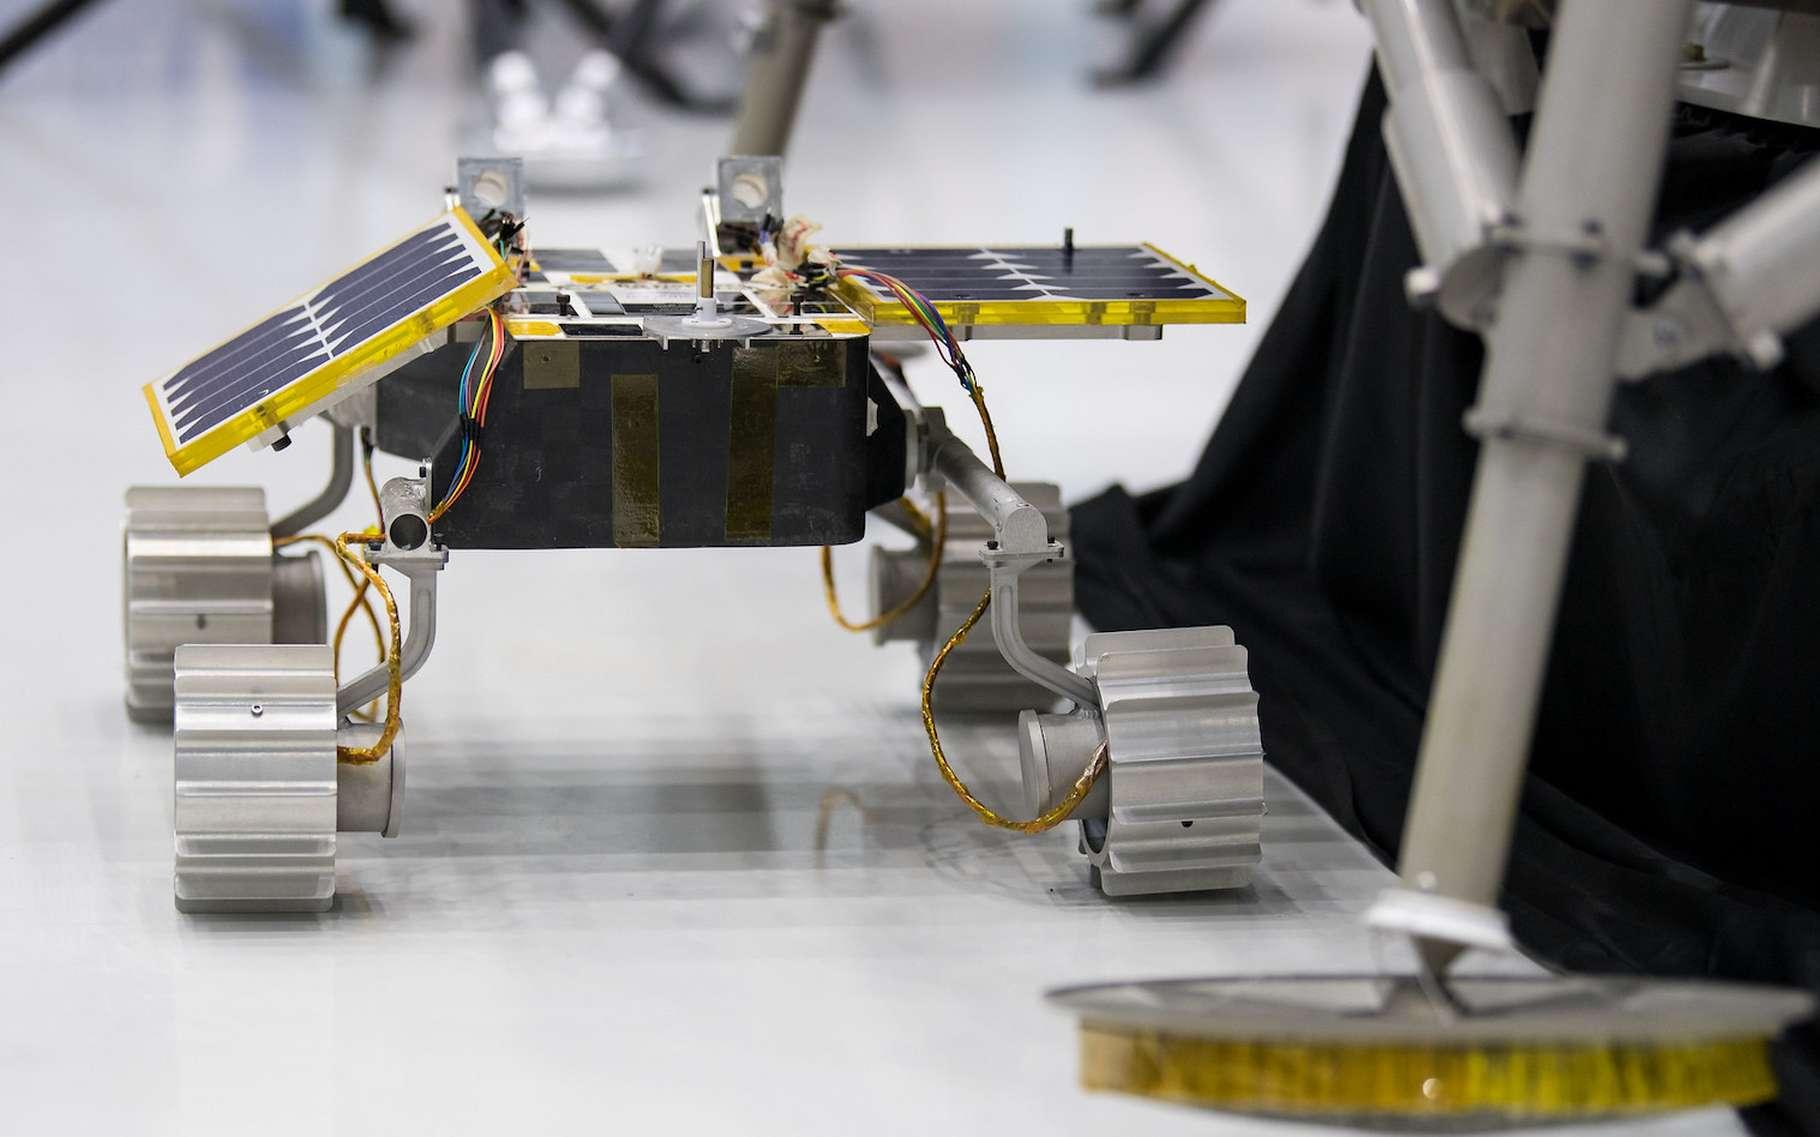 La Nasa a sélectionné les trois sociétés qui emporteront du matériel scientifique sur notre satellite naturel dès 2020 pour préparer le retour de l'Homme sur la Lune. © Nasa, Flickr, CC by -NC-ND 2.0